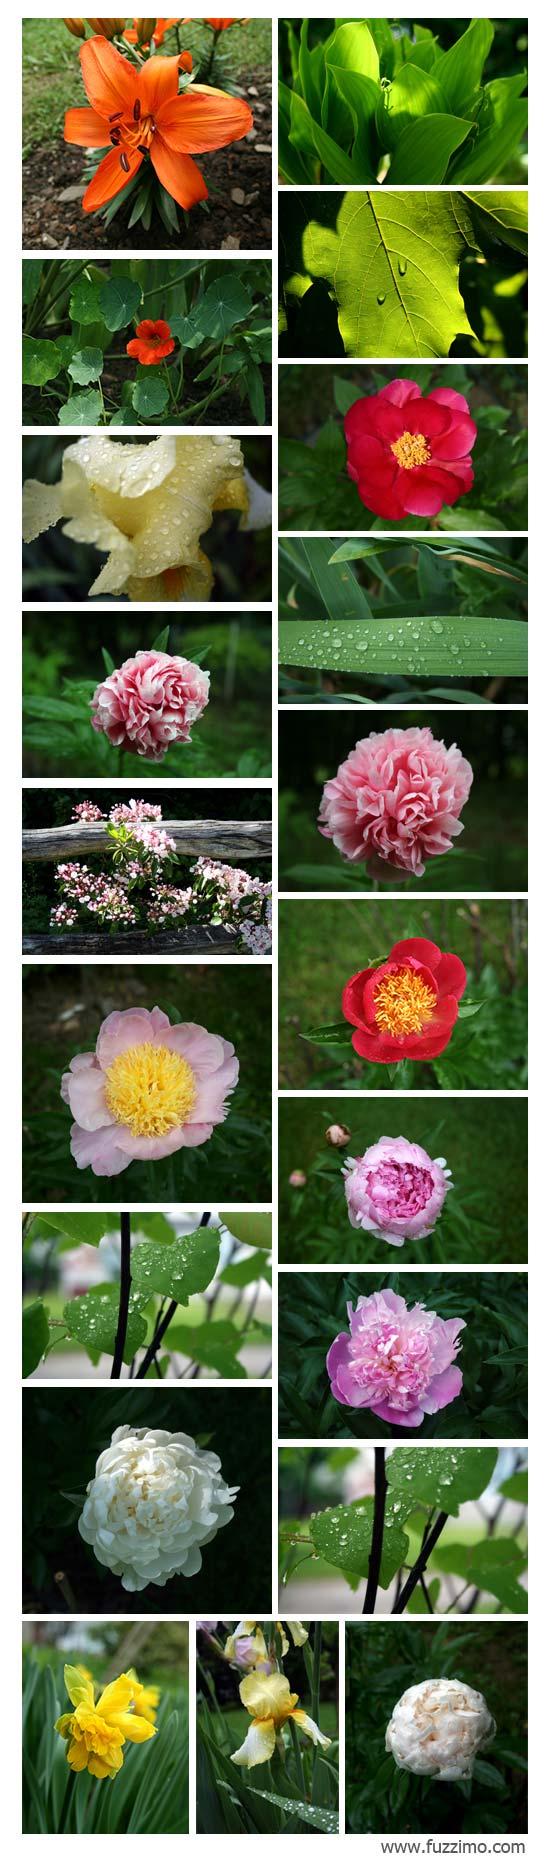 fzm-FlowerPictures-02